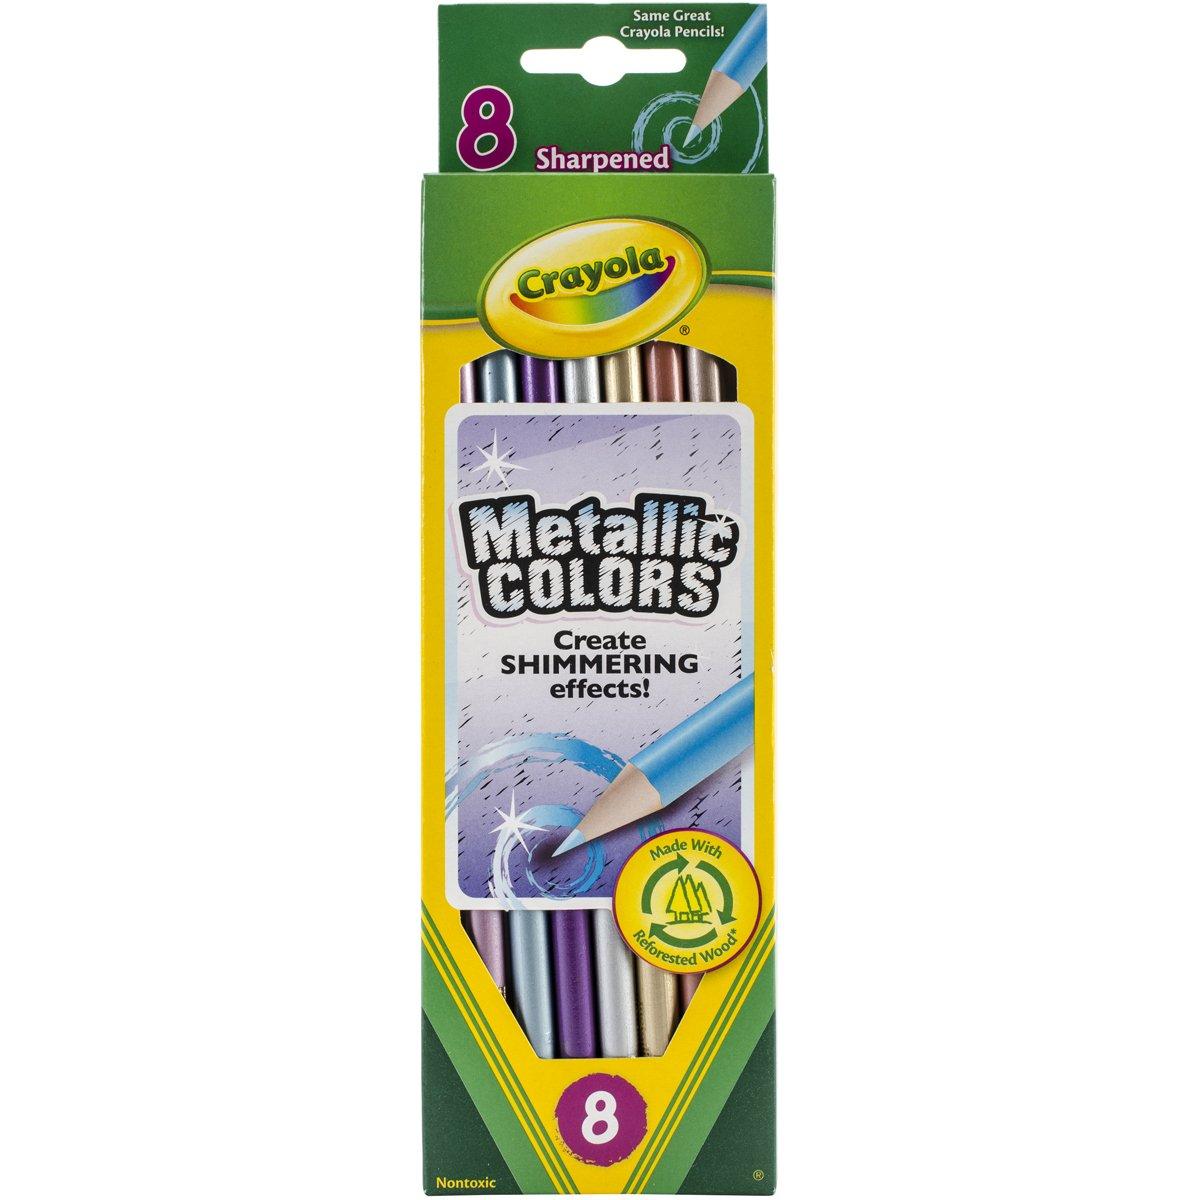 Crayola Metallic FX Colored Pencils - 8 Pencils 68-3708